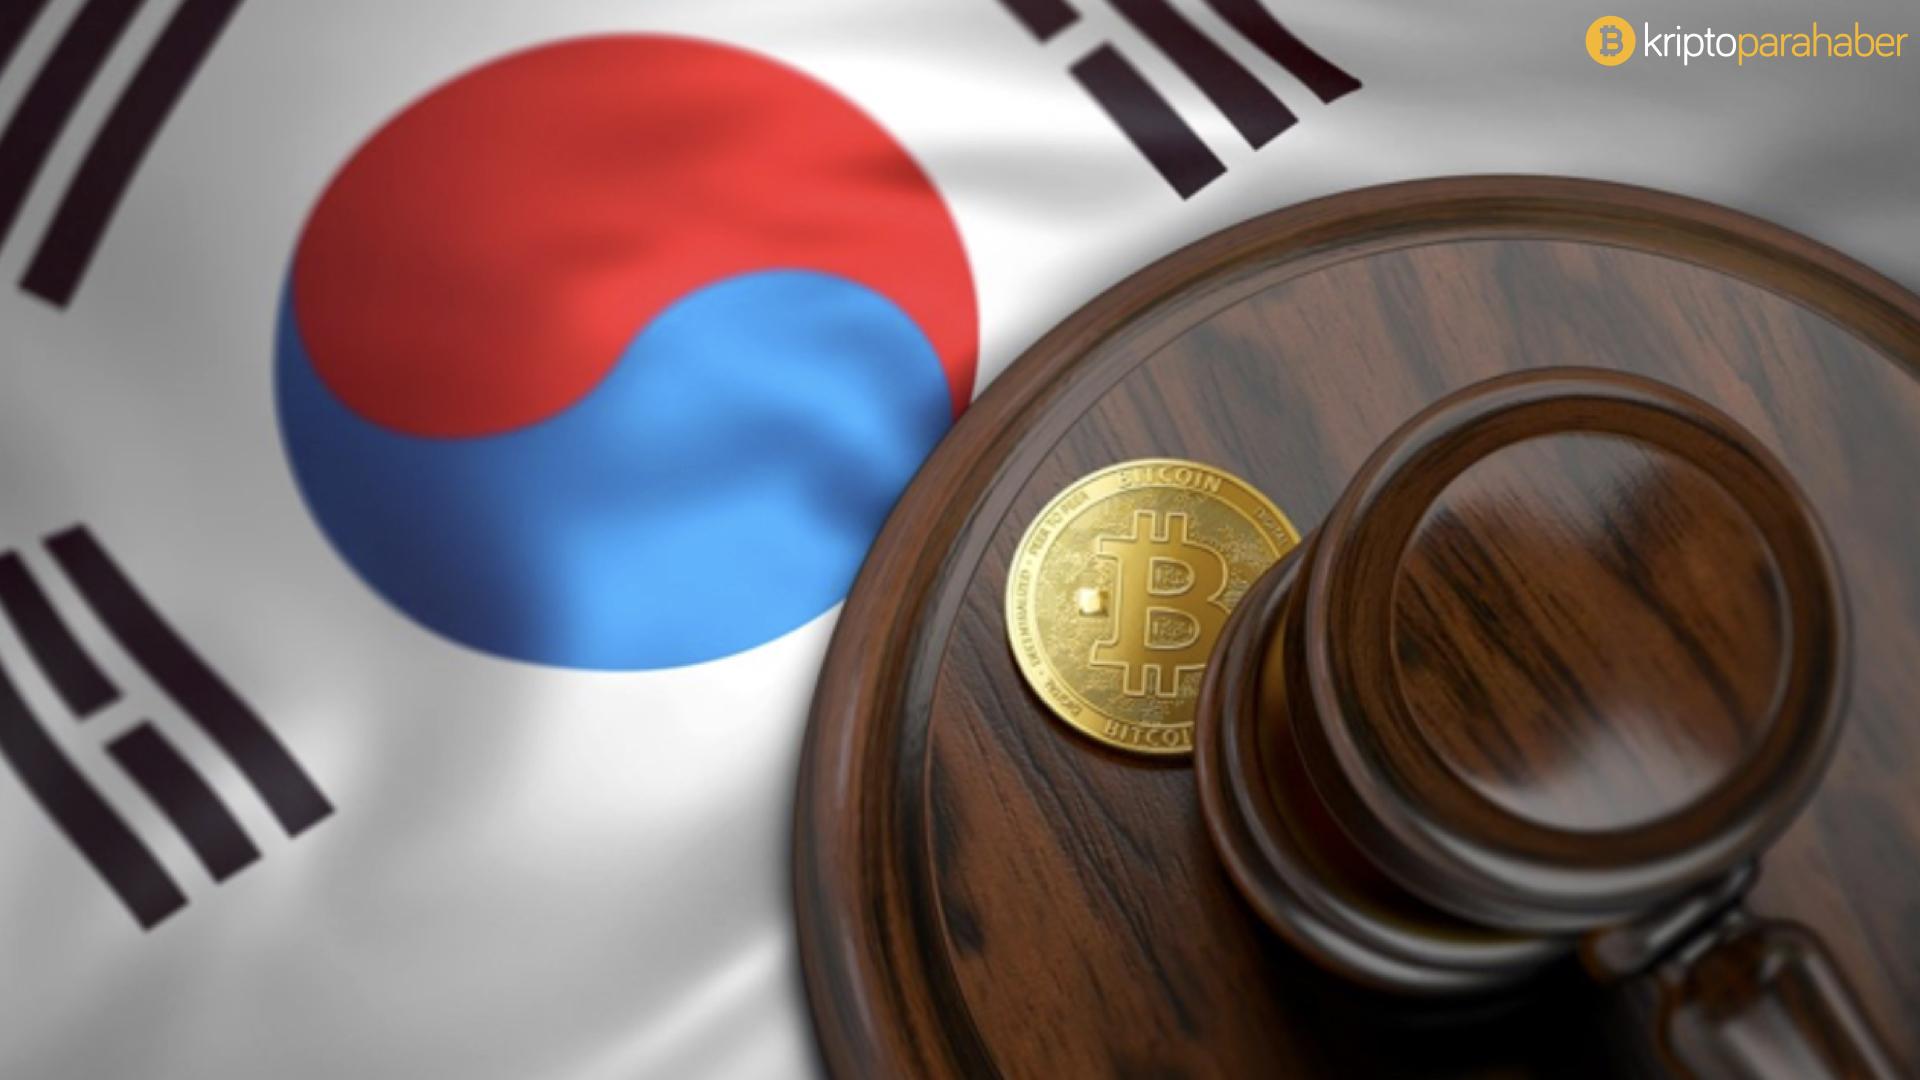 Güney Kore'de milyar dolarlık kripto para dolandırıcılık vakası yaşandı